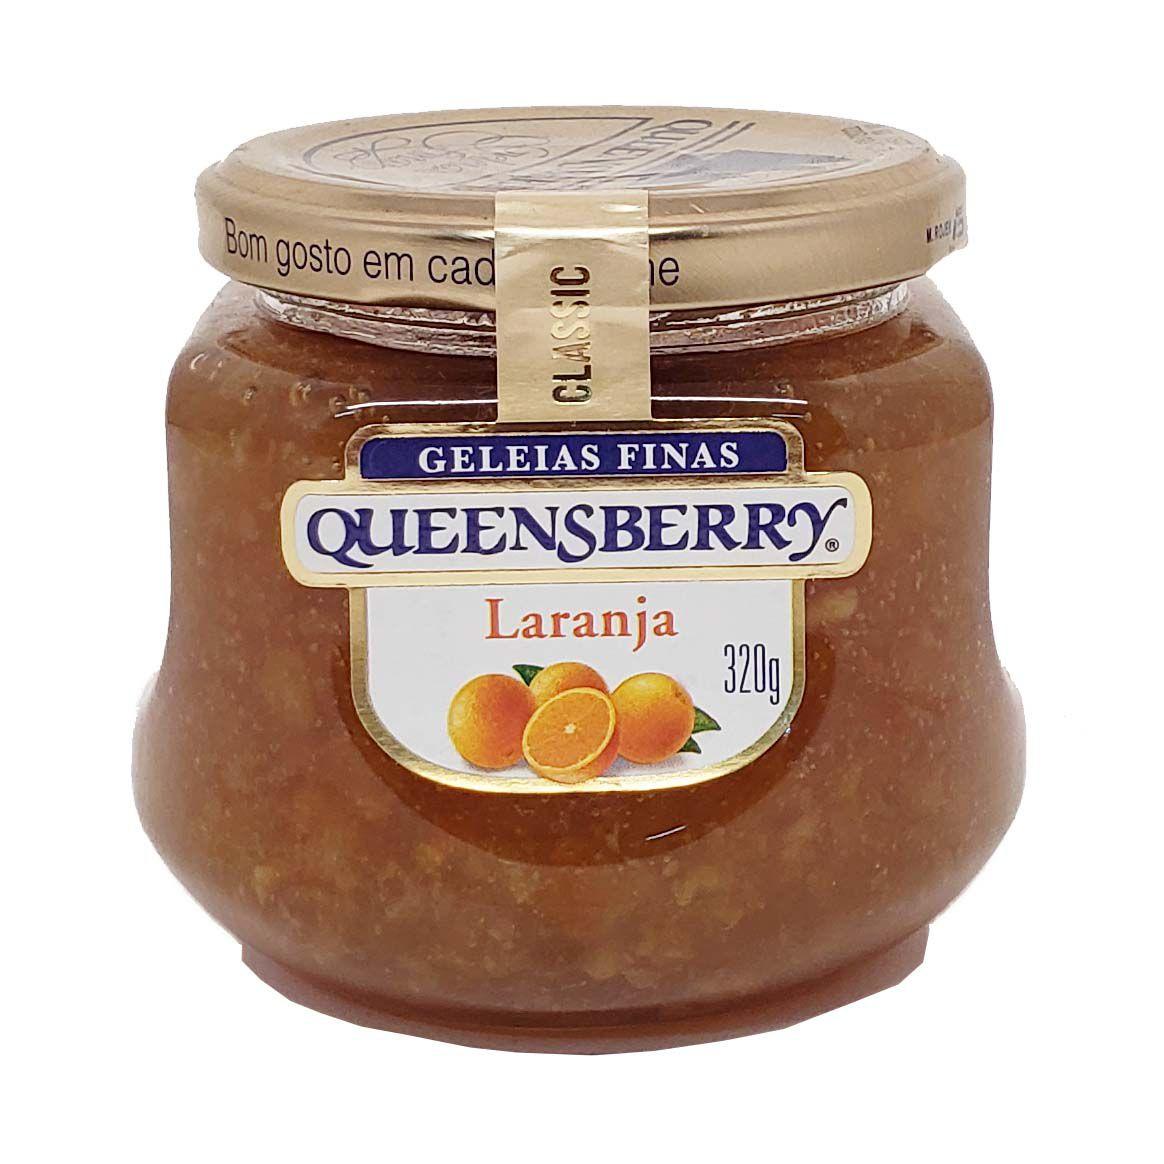 Geléia de Laranja Queensberry - 320g -